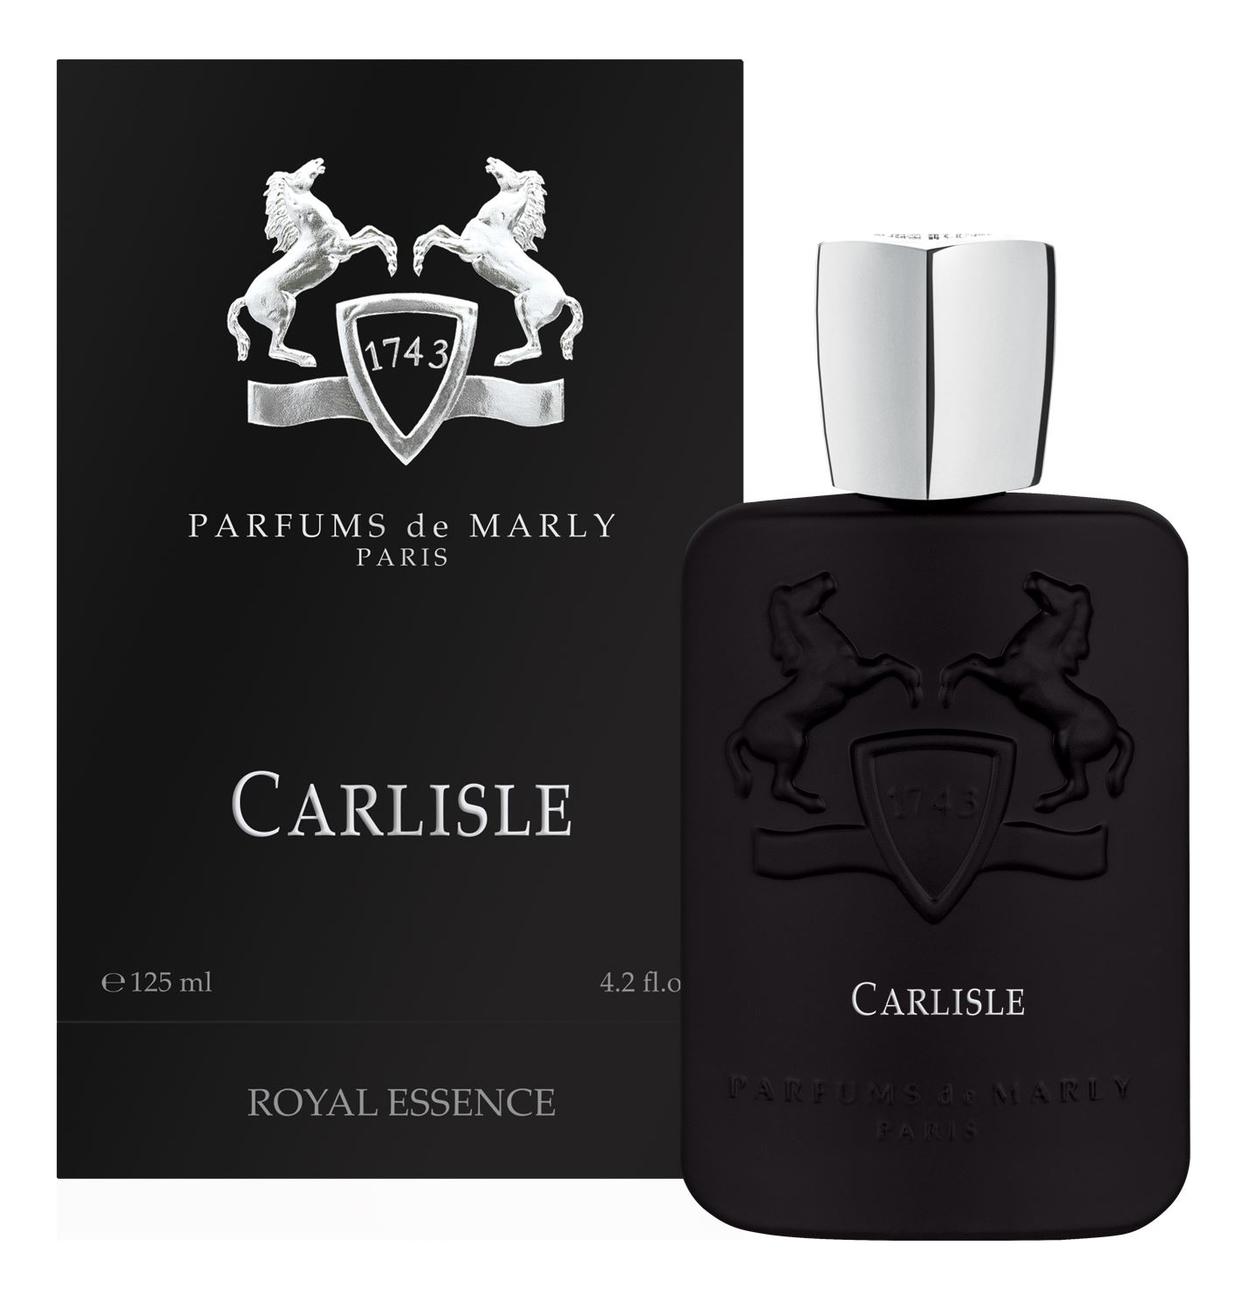 Купить Carlisle: парфюмерная вода 125мл, Parfums de Marly